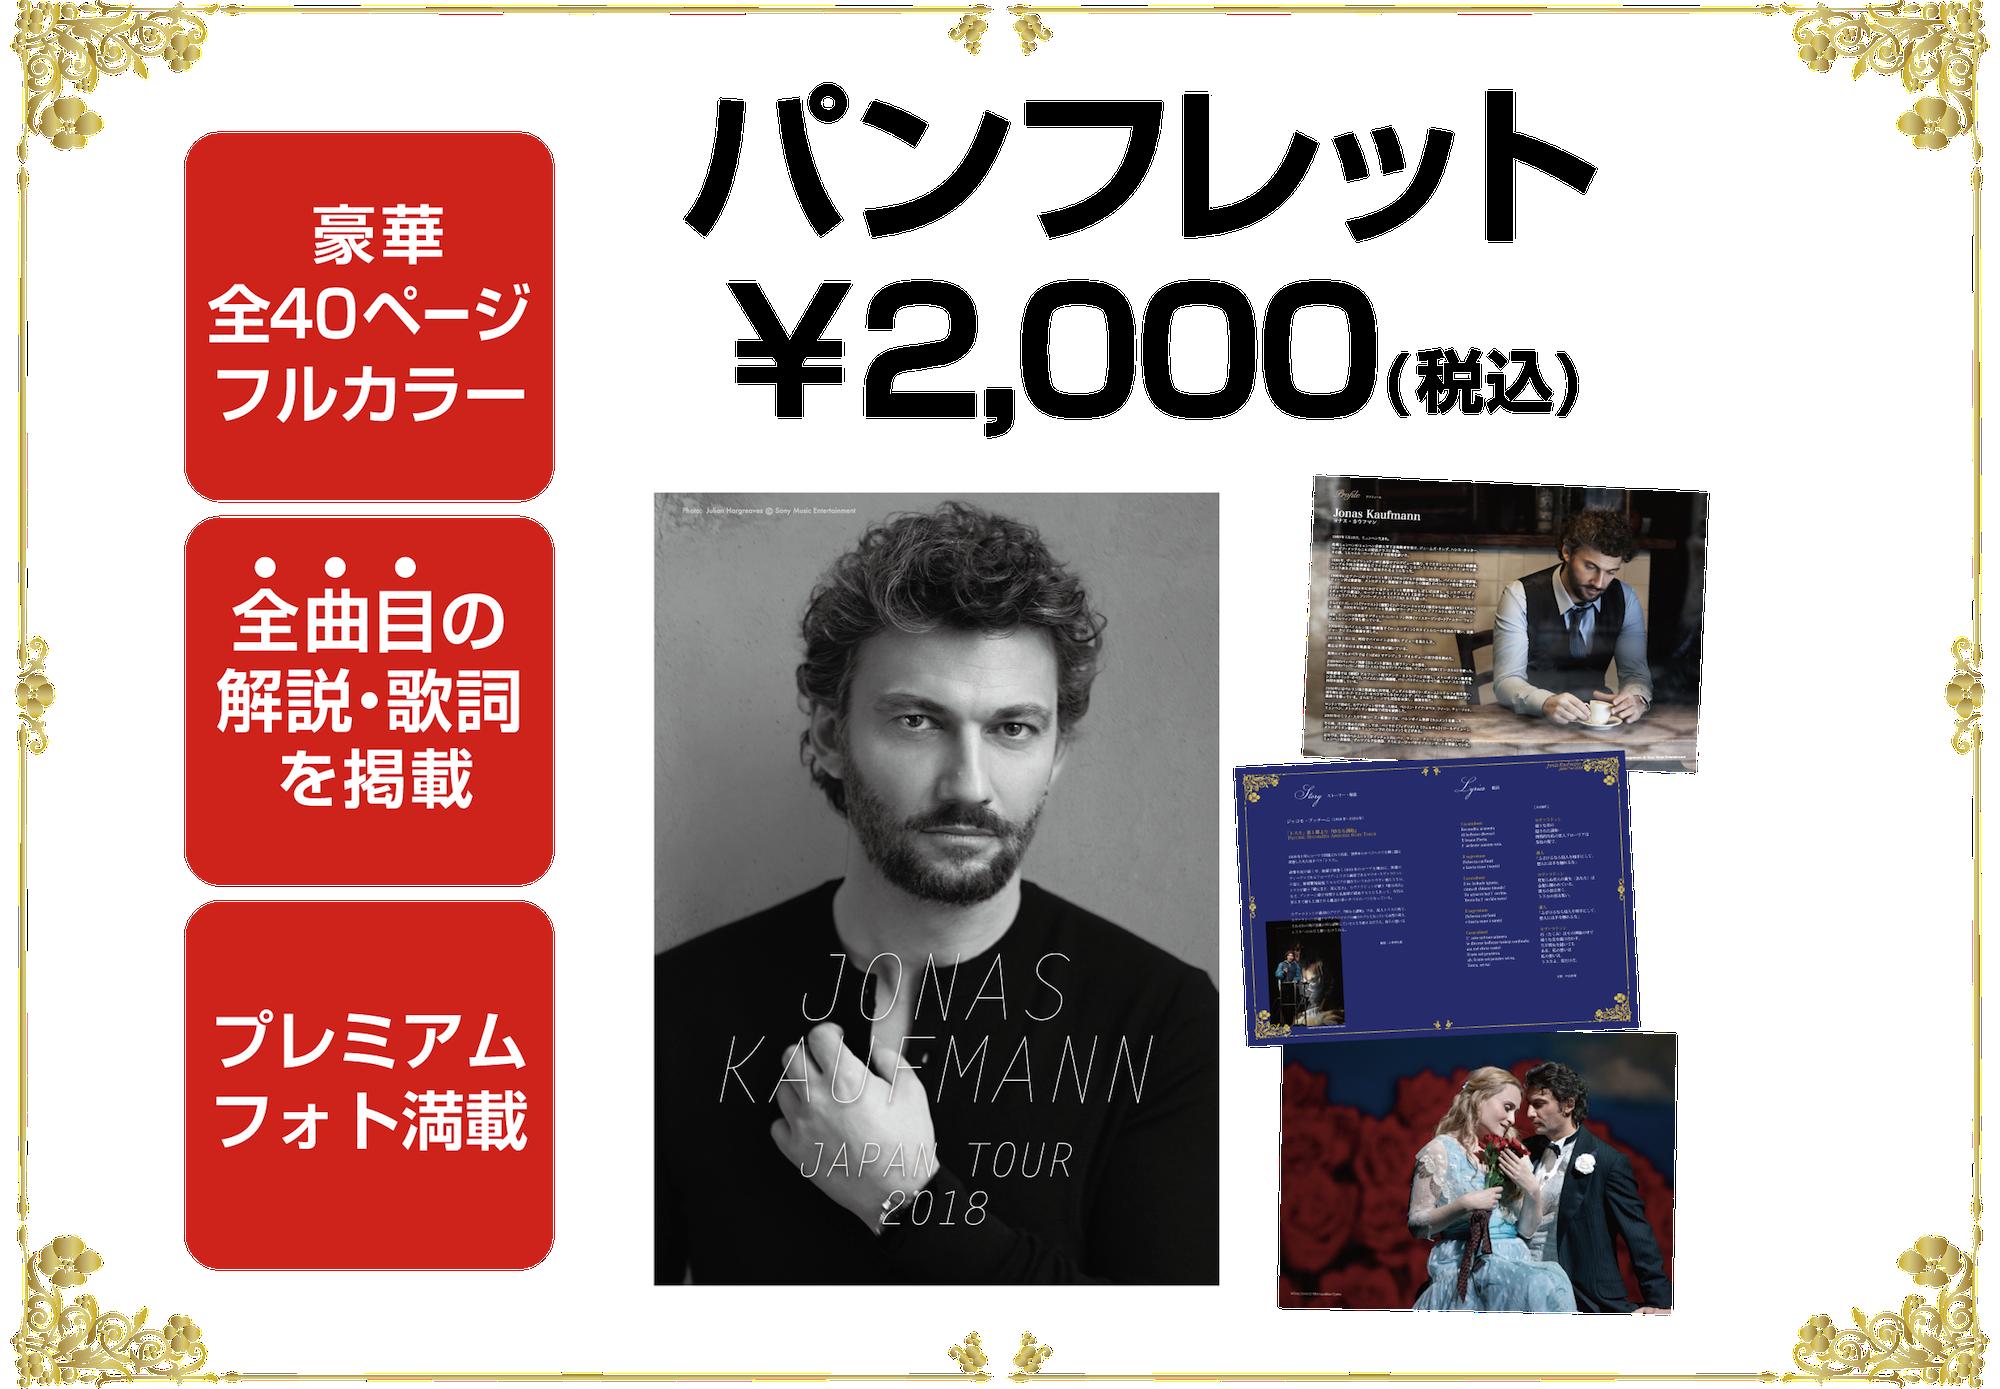 ヨナス カウフマン ジャパンツアー 2018 パンフレット